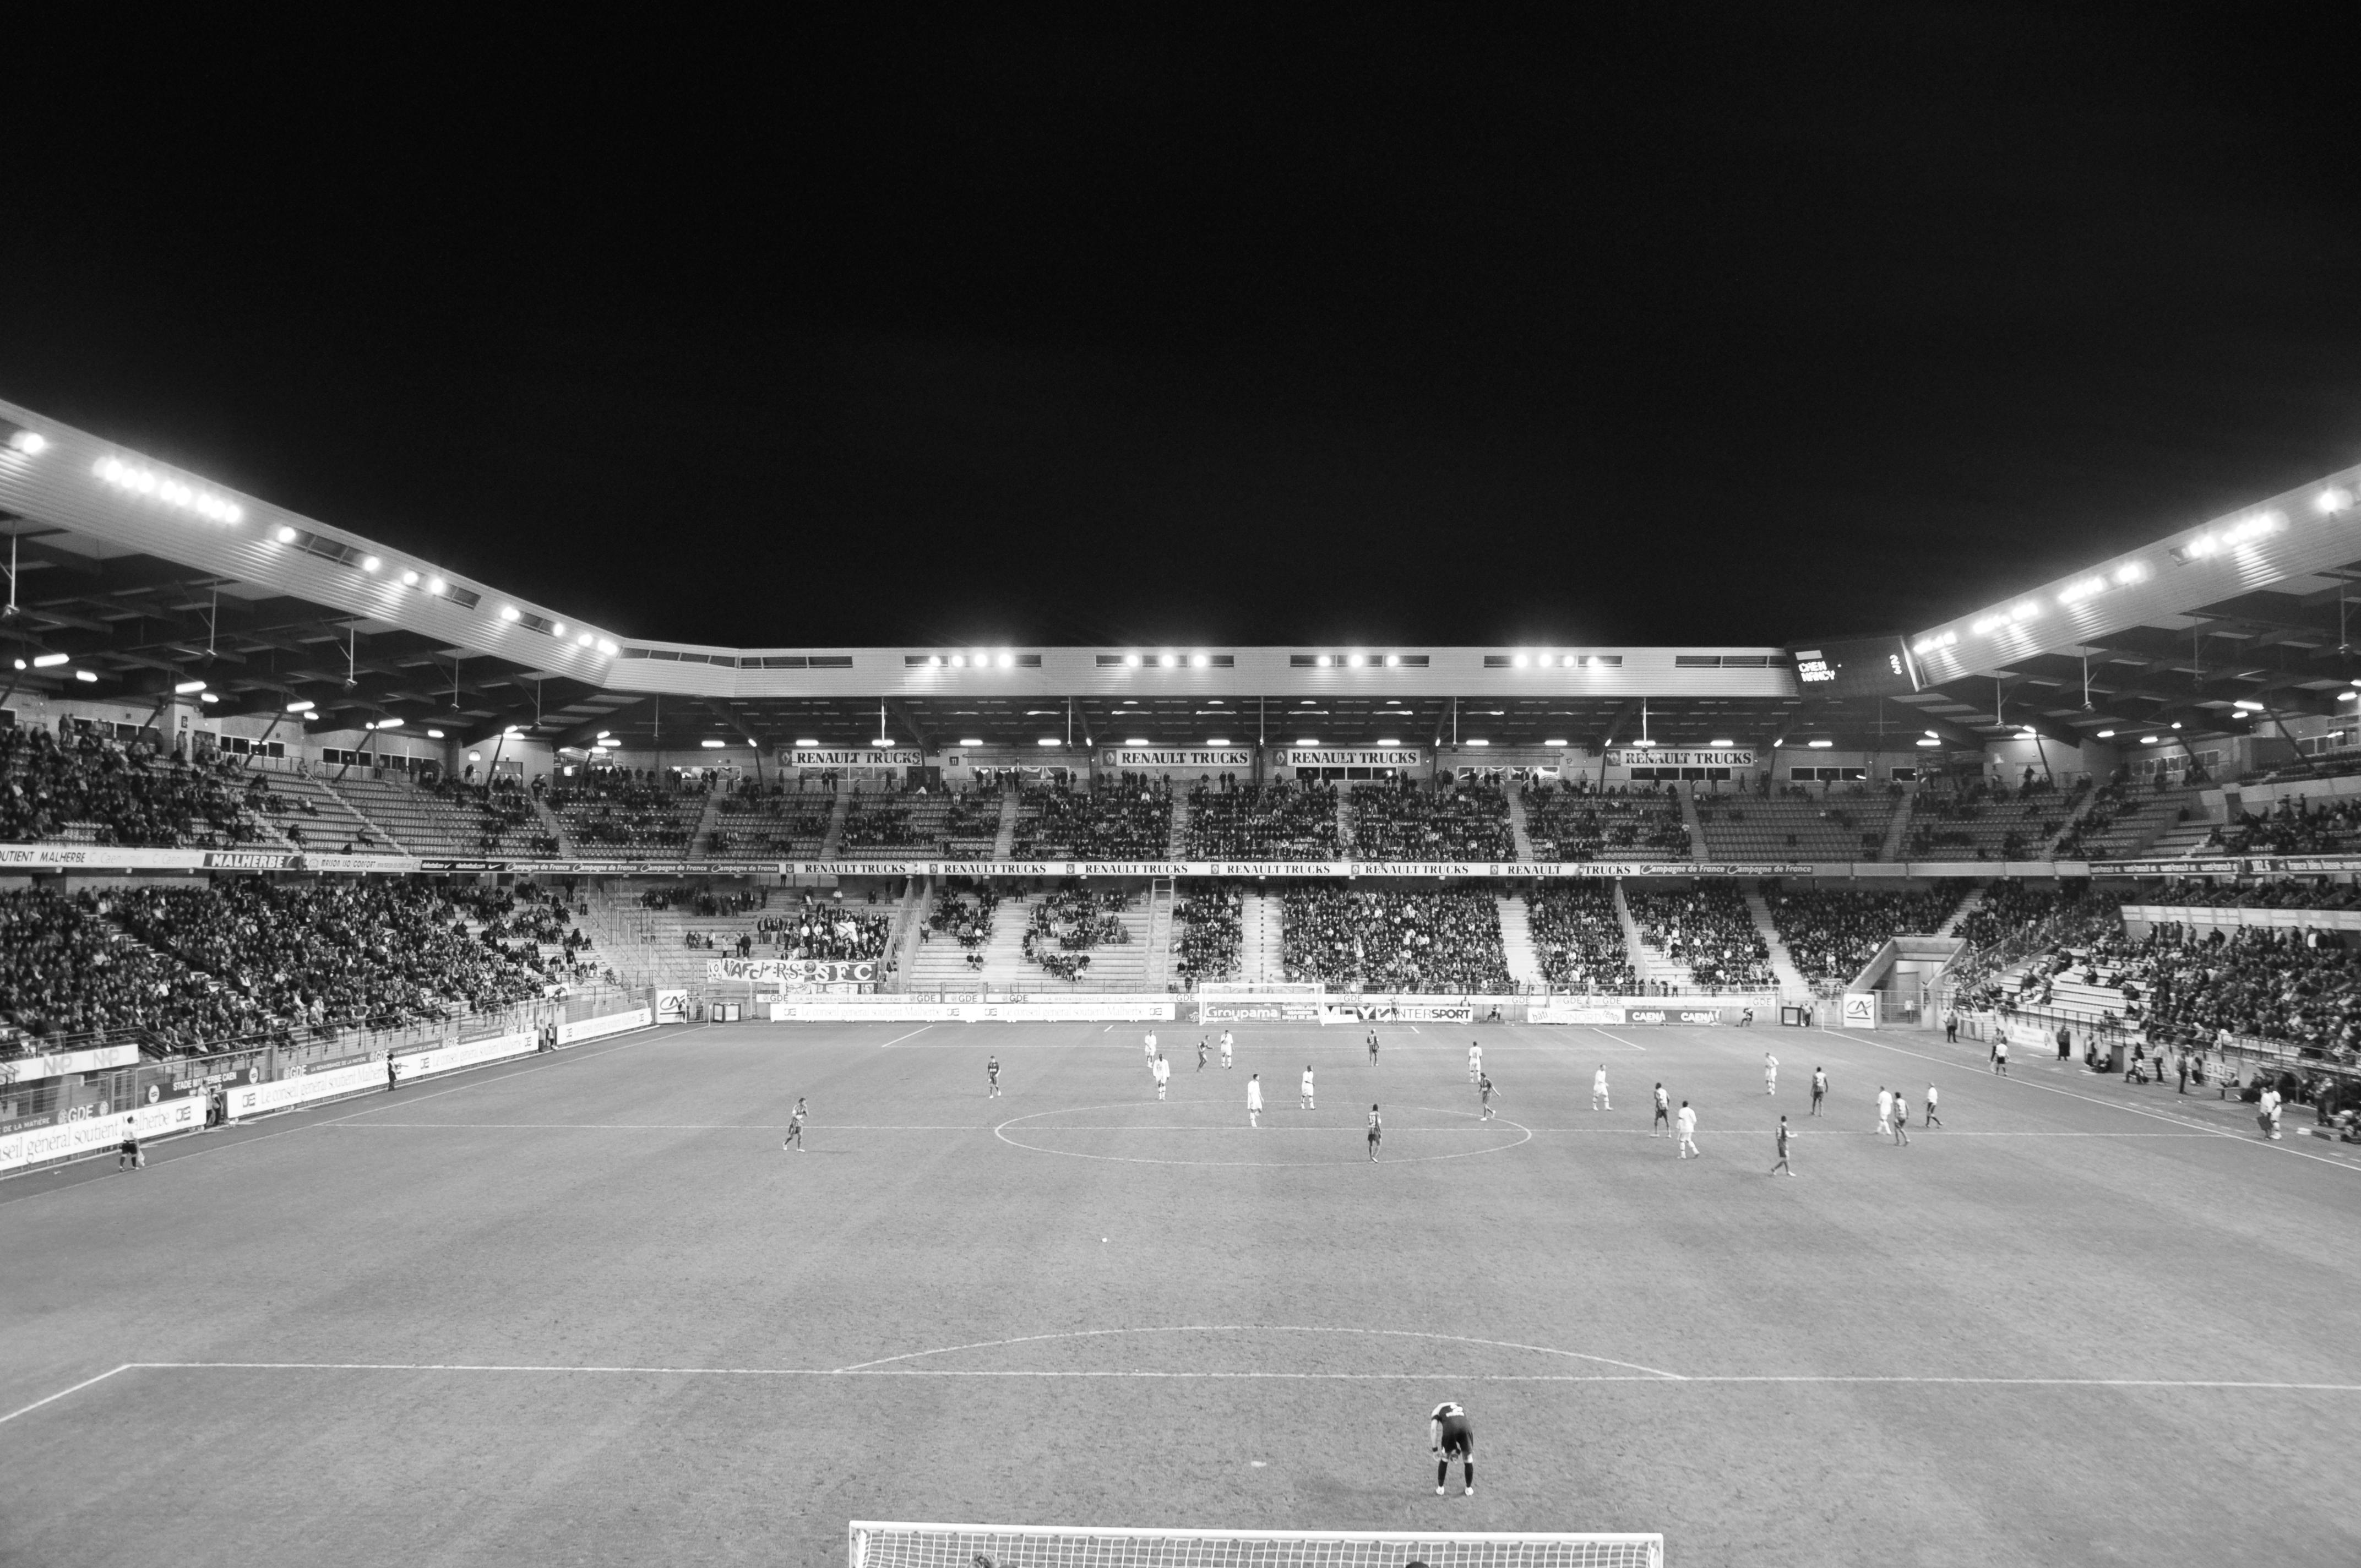 Le stade Michel d'Ornano - Page 3 Caen-ornano-nuit34784